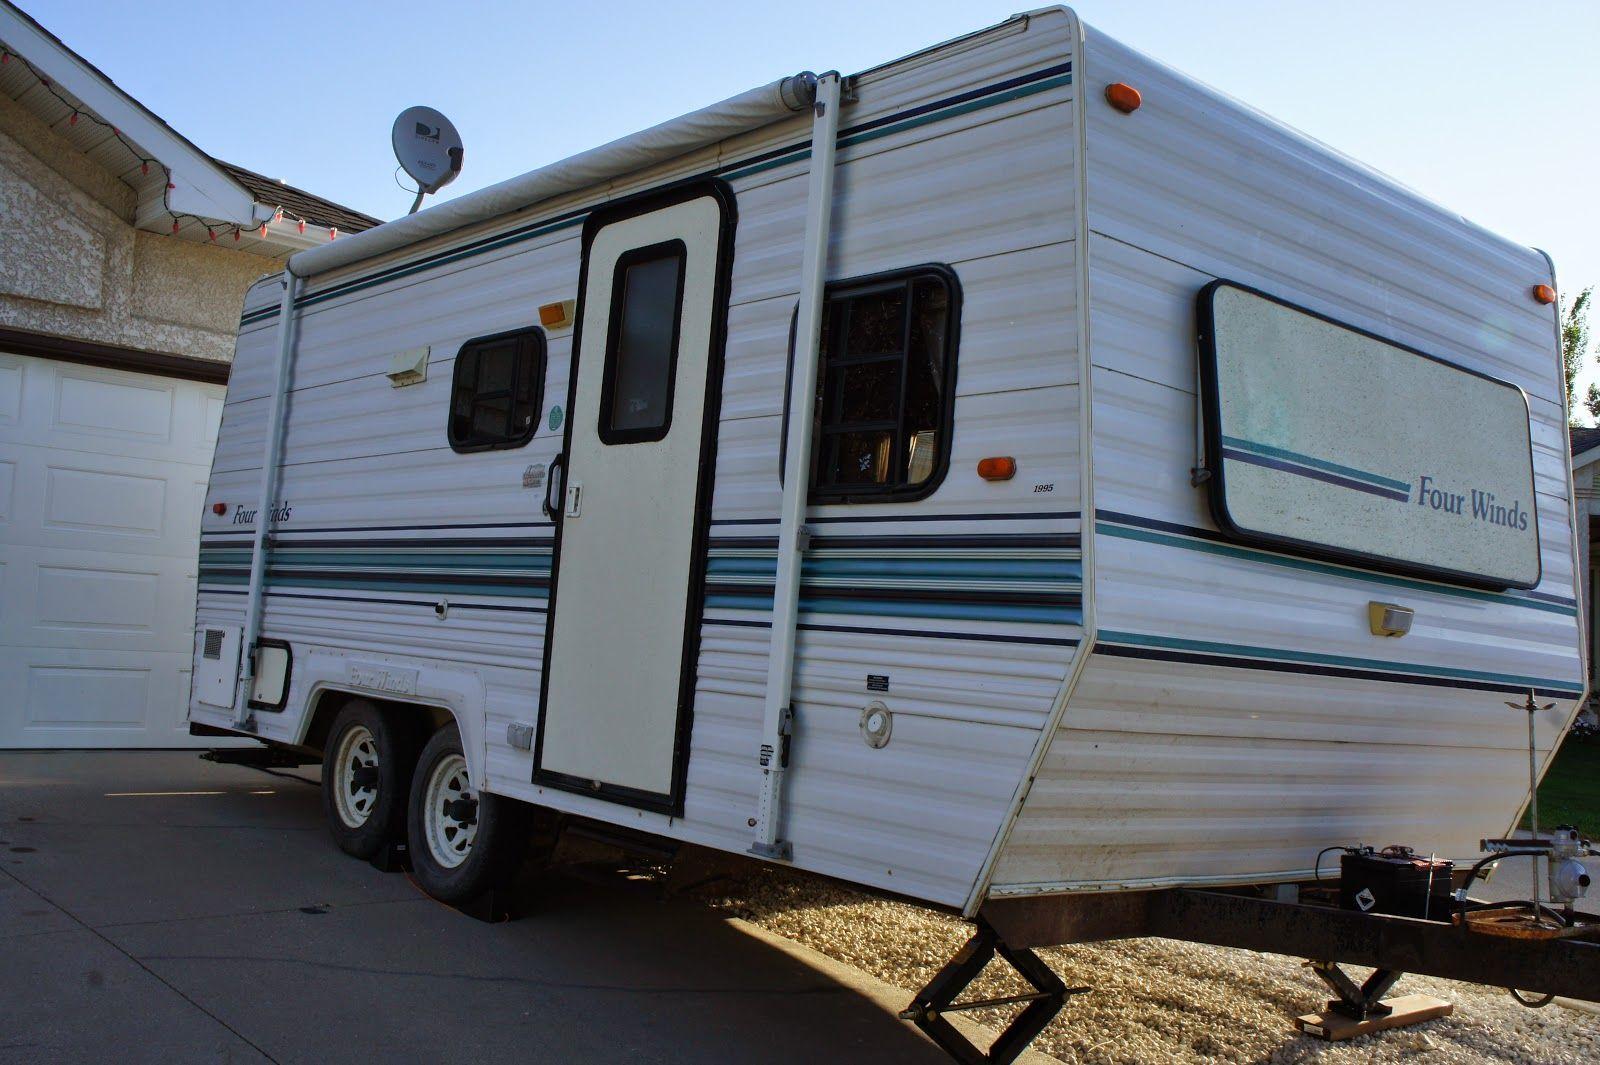 The Original Alice Remodeled Campers Diy Camper Remodel Travel Trailer